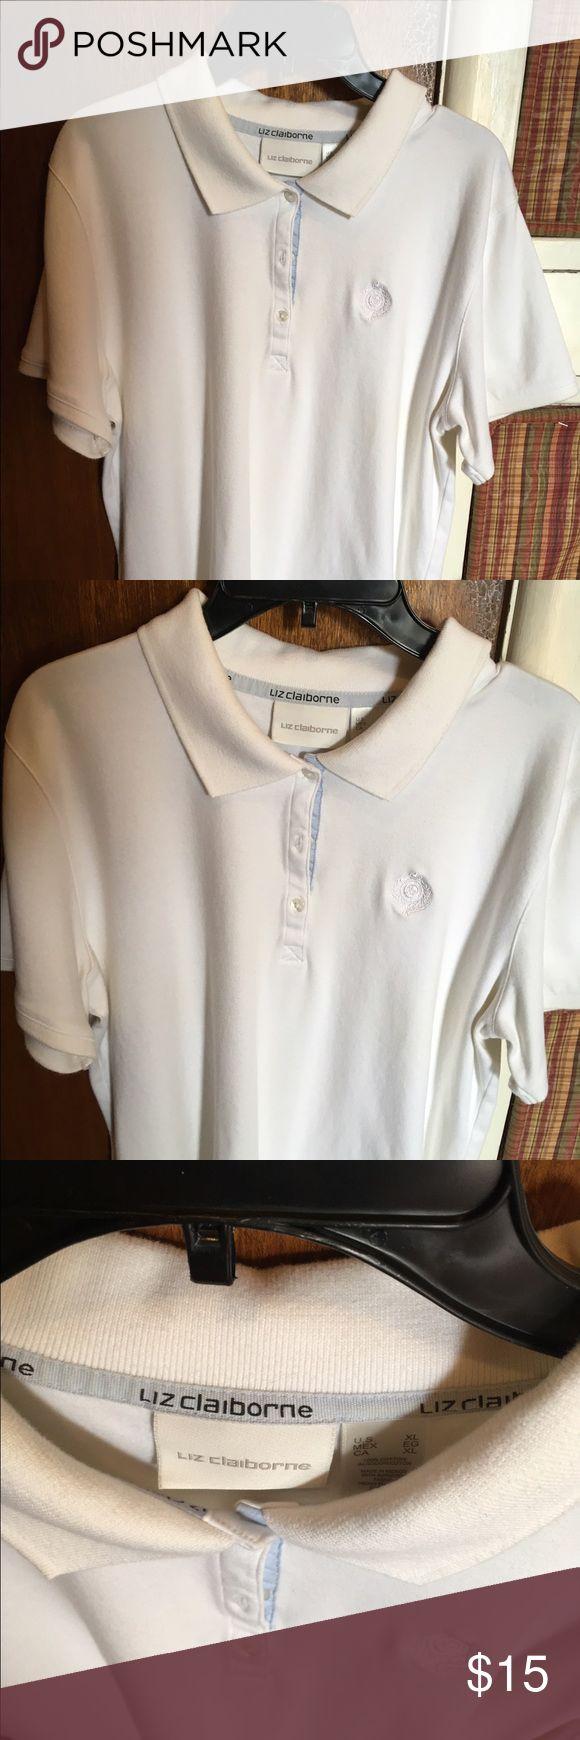 White Liz Claiborne polo White XL Liz Claiborne polo shirt. Gently worn no hole or stains. Liz Claiborne Tops Blouses